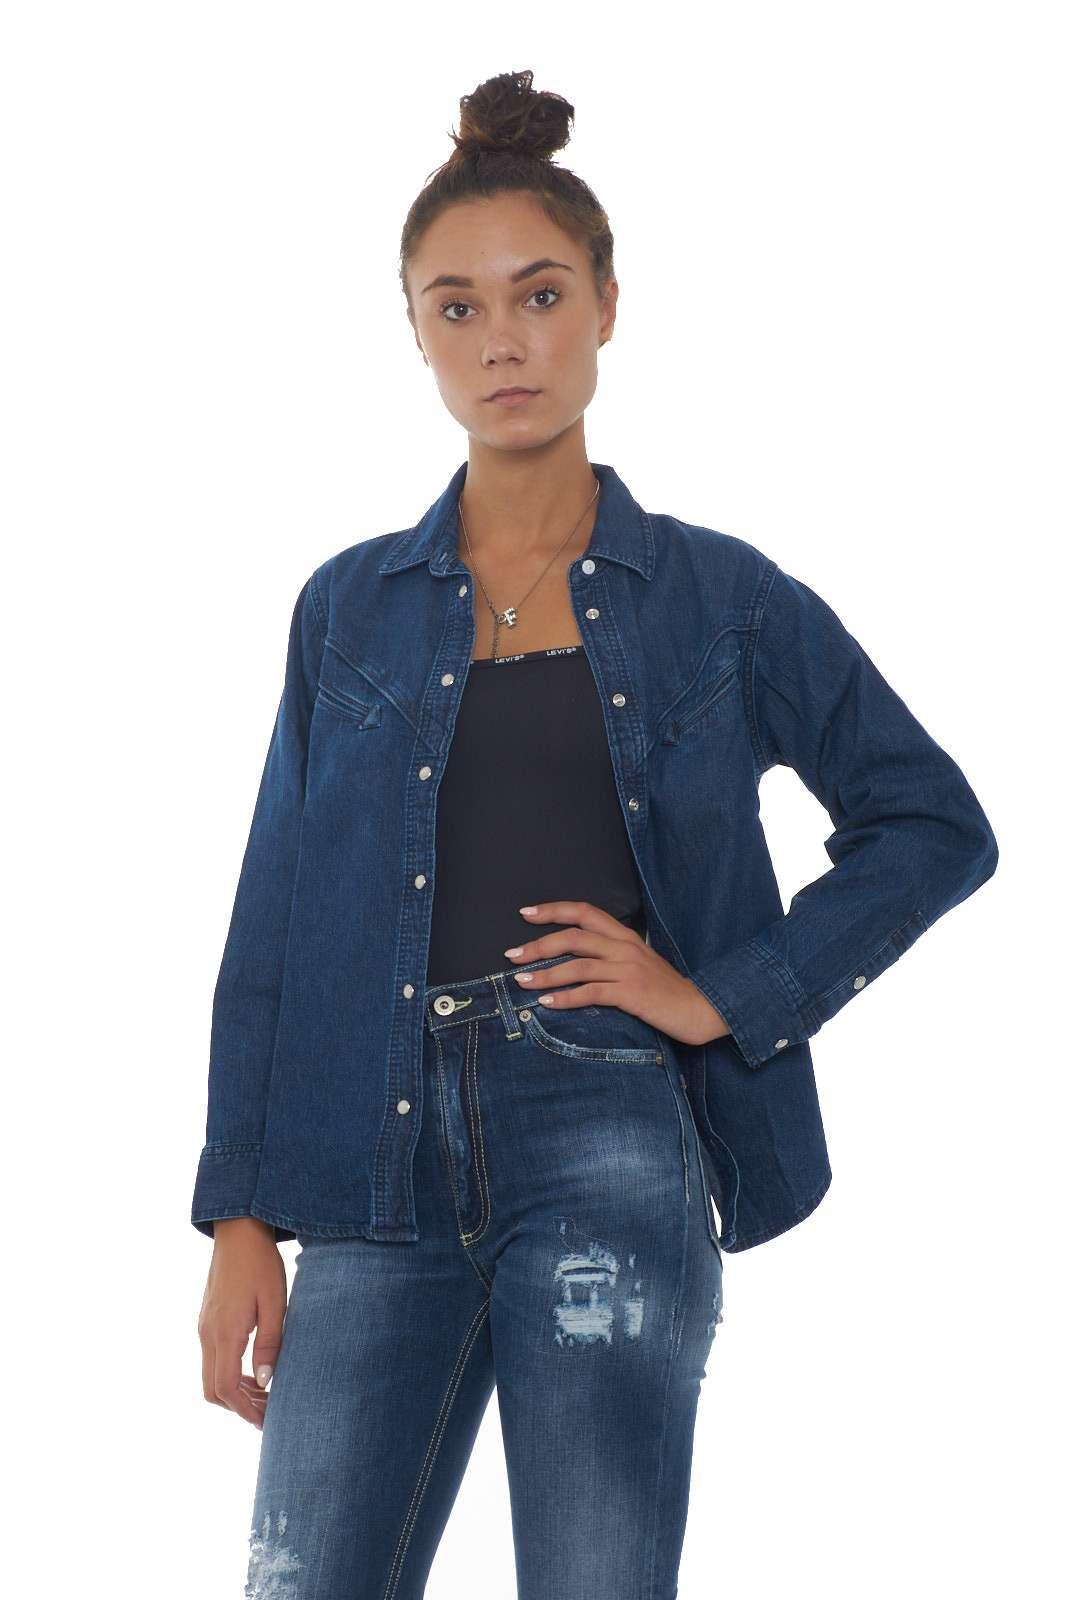 https://www.parmax.com/media/catalog/product/a/i/AI-outlet_parmax-camicia-donna-Levis-77678%200000-A.jpg